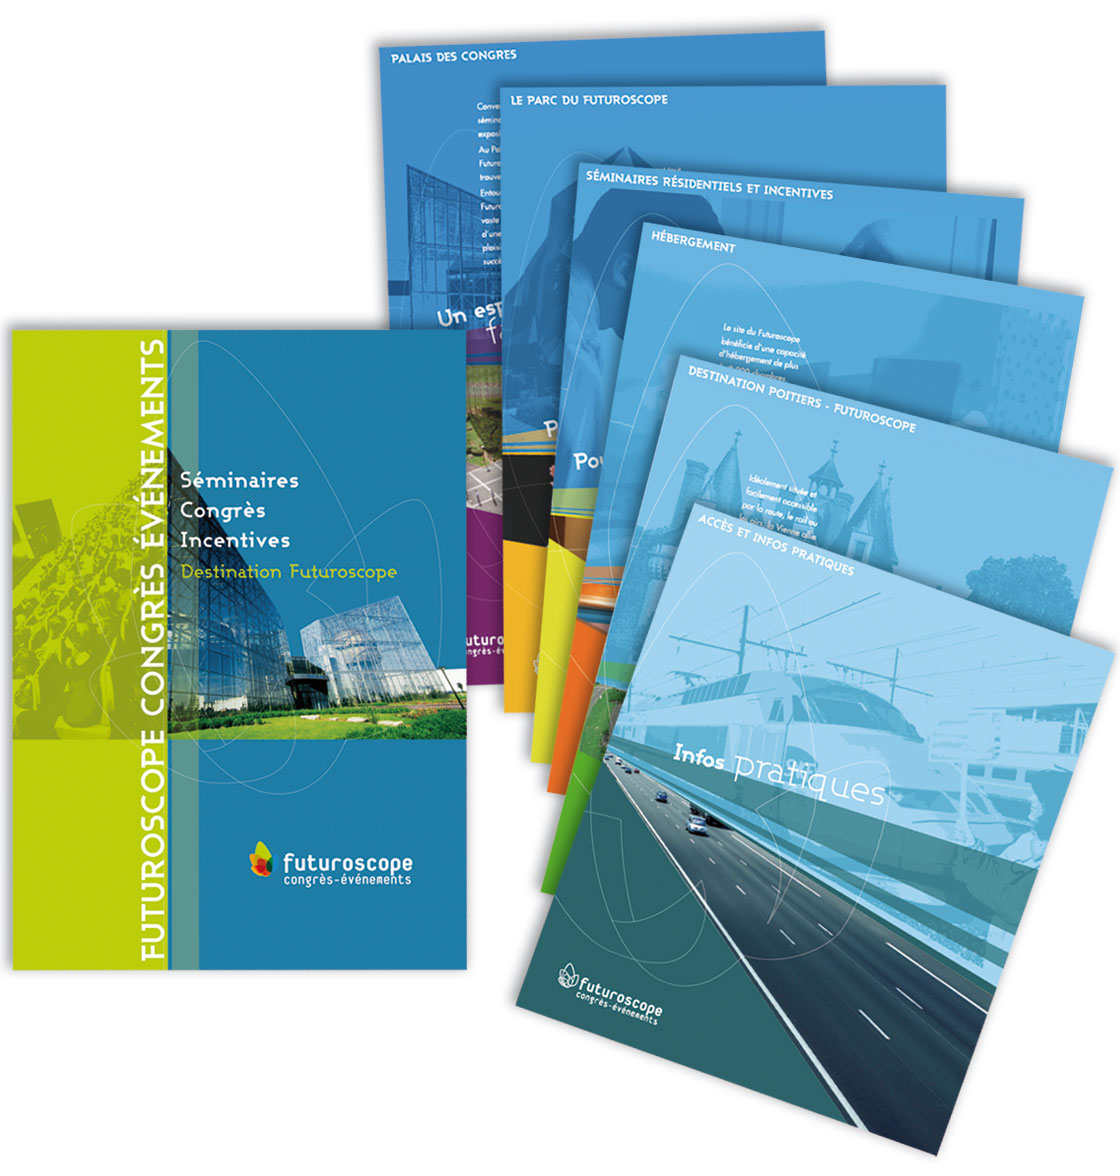 FUTUROSCOPE CONGRES EVENEMENTS Dossier de présentation : chemise à rabat et fiches thématiques